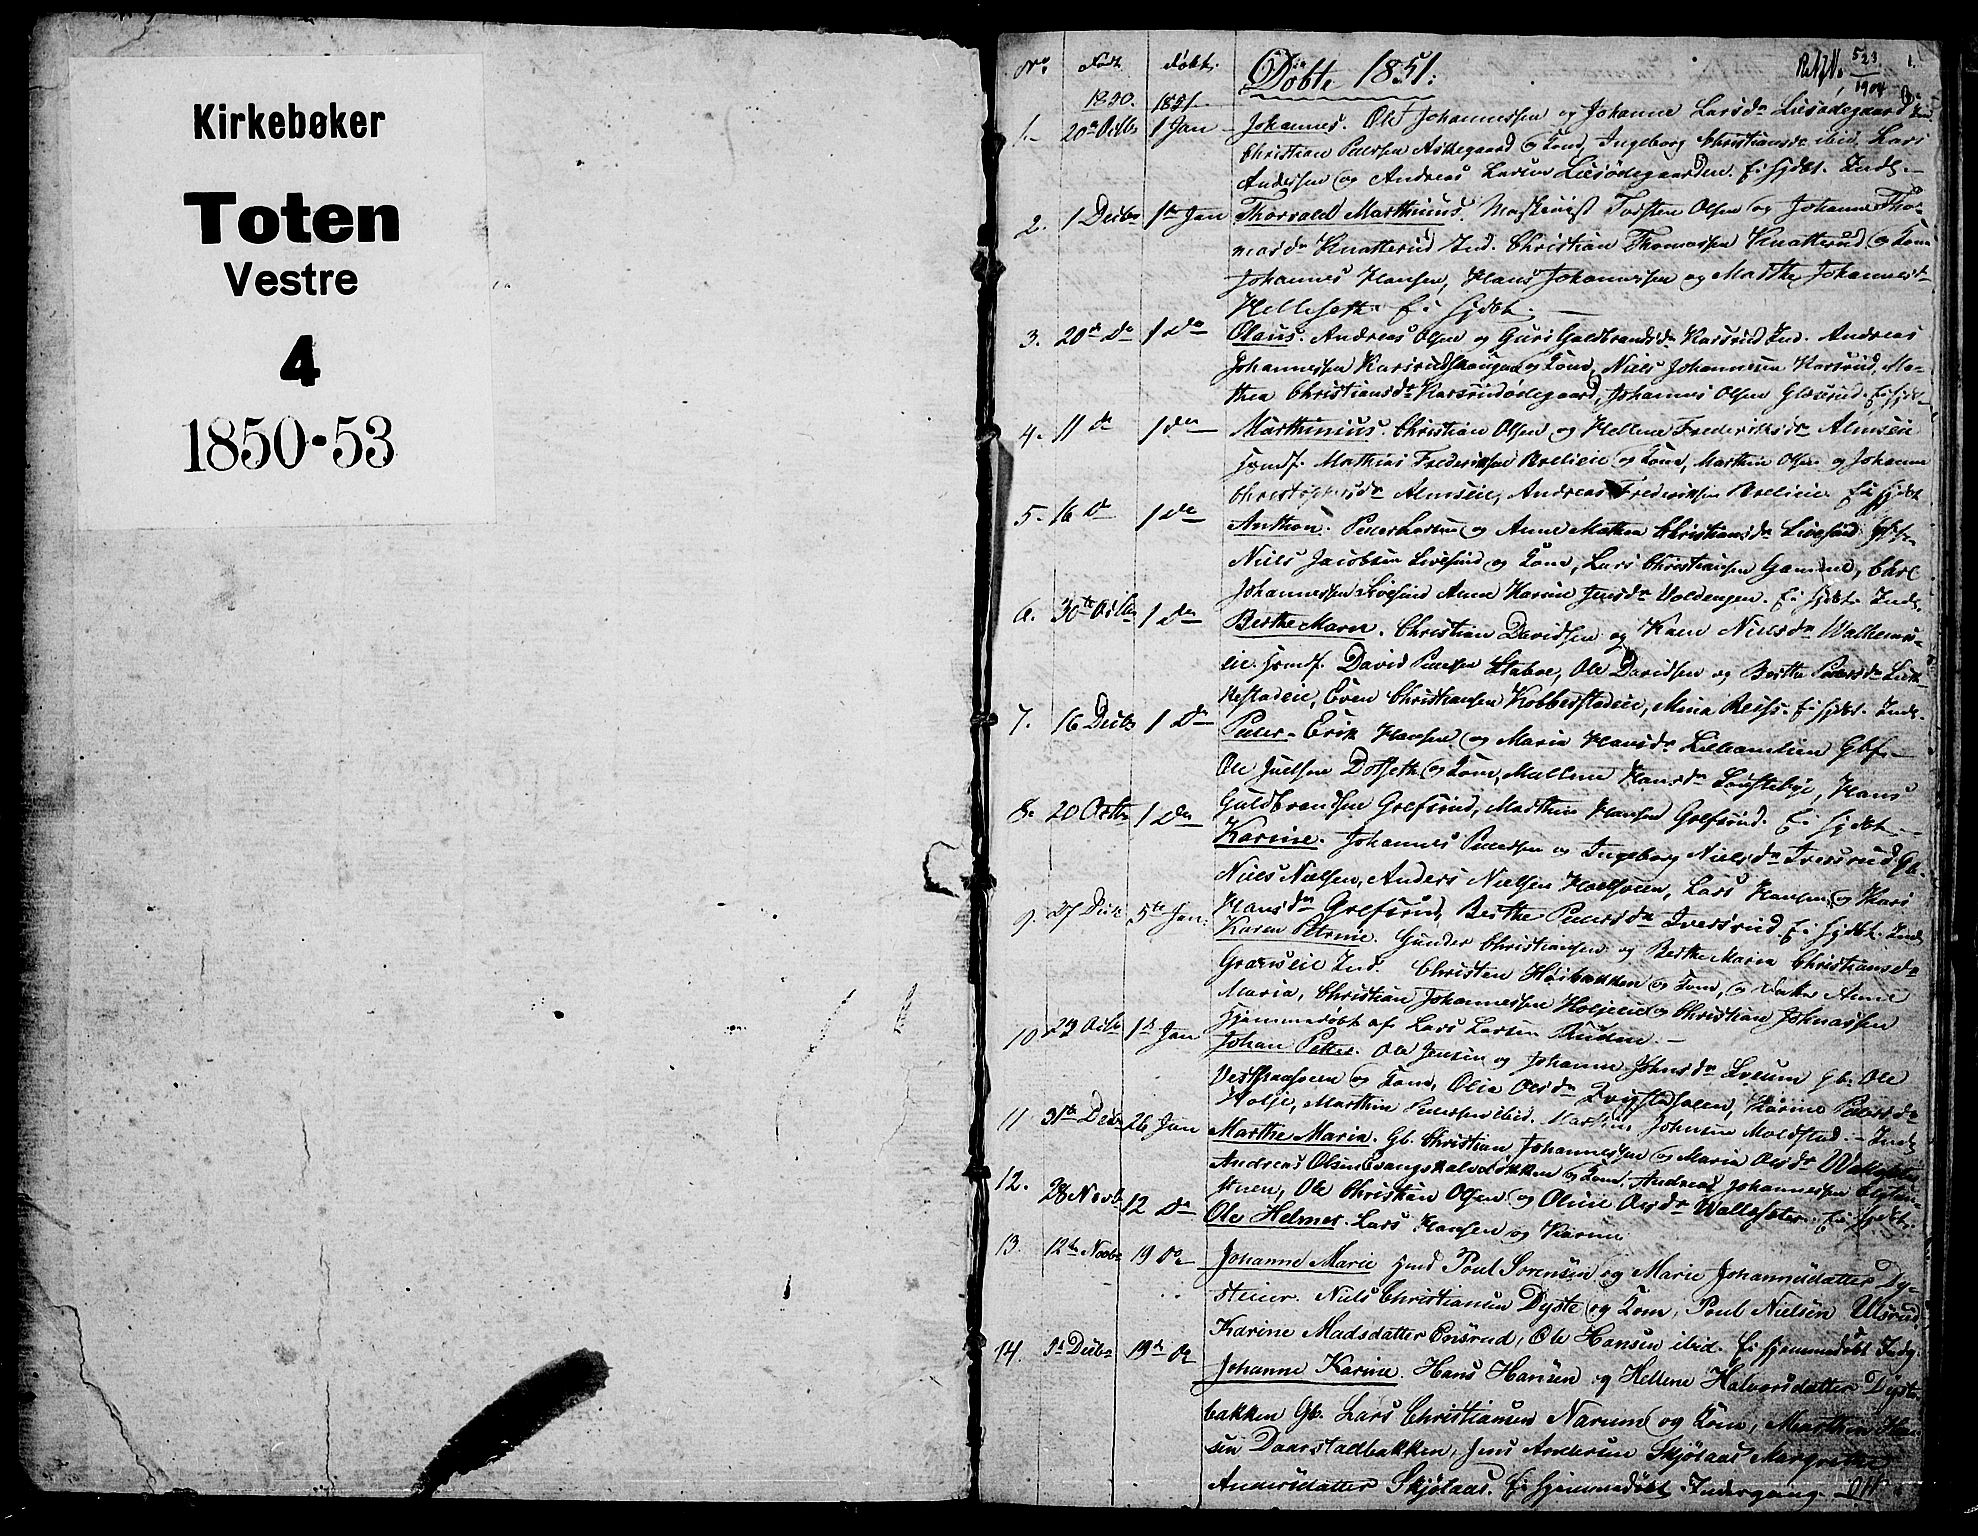 SAH, Vestre Toten prestekontor, H/Ha/Hab/L0004: Klokkerbok nr. 4, 1851-1853, s. 1